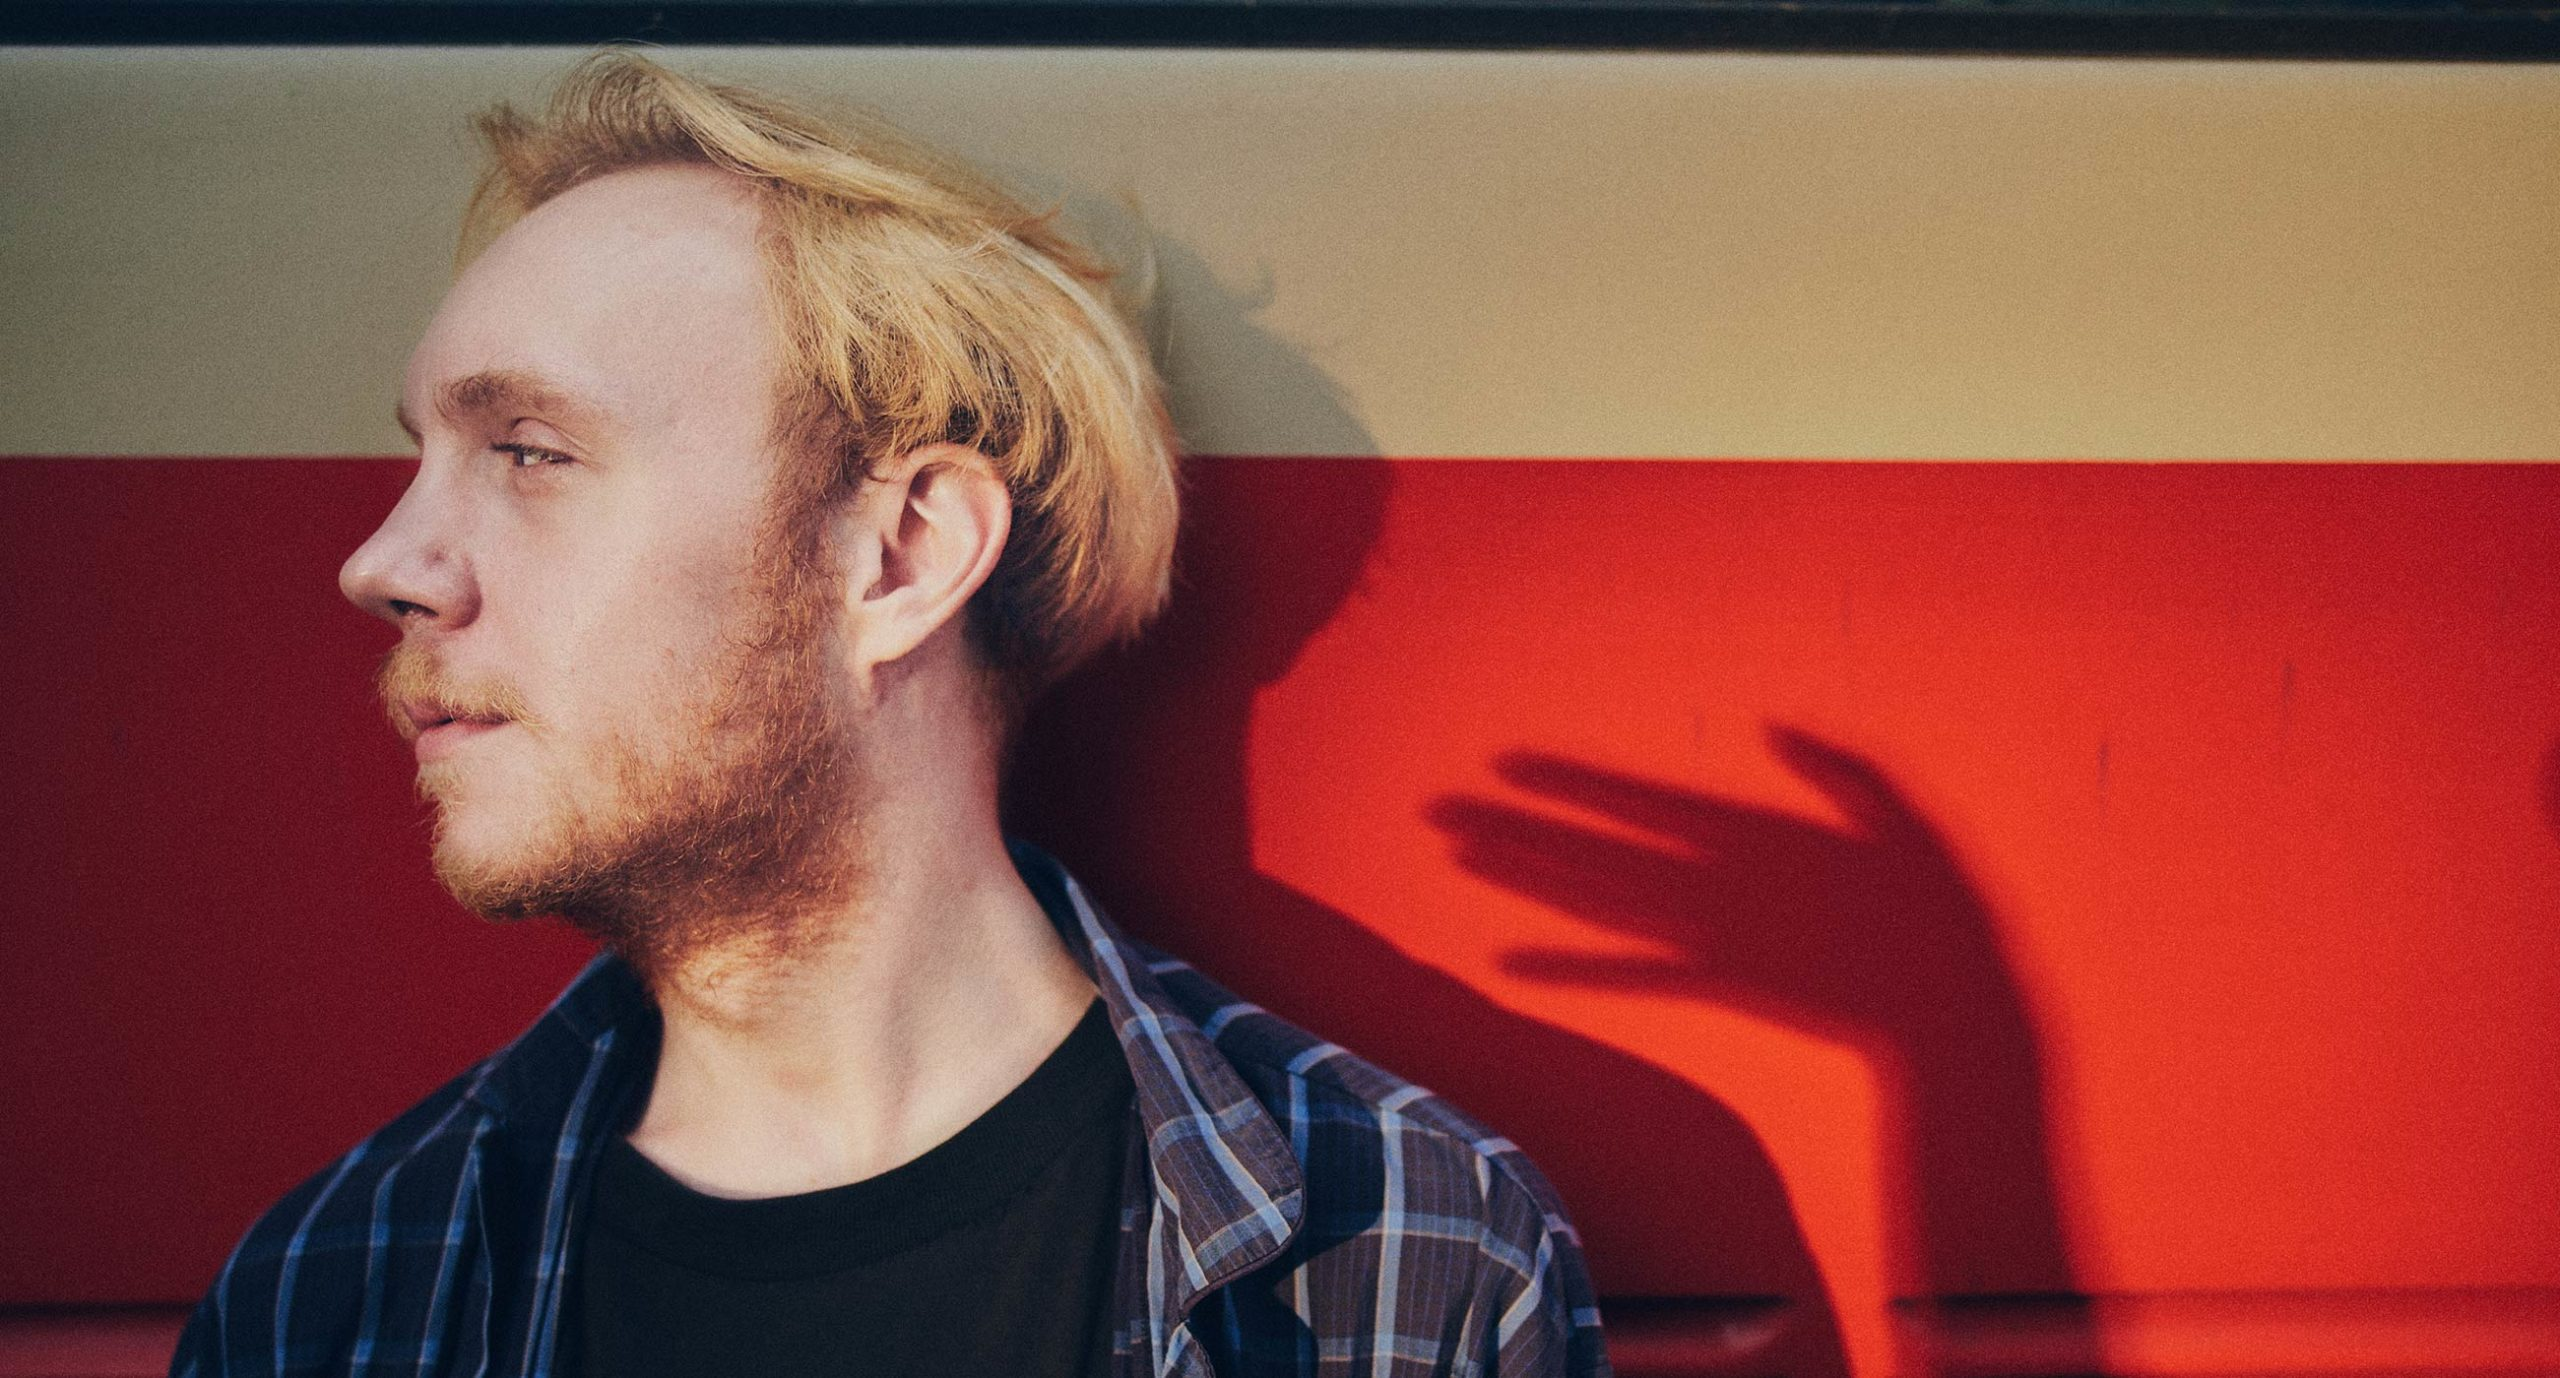 queer donbas cover scaled - <b>«Донбас-квір».</b> Як активіст із Бахмута дав голос ЛГБТ-спільноті Донбасу - Заборона